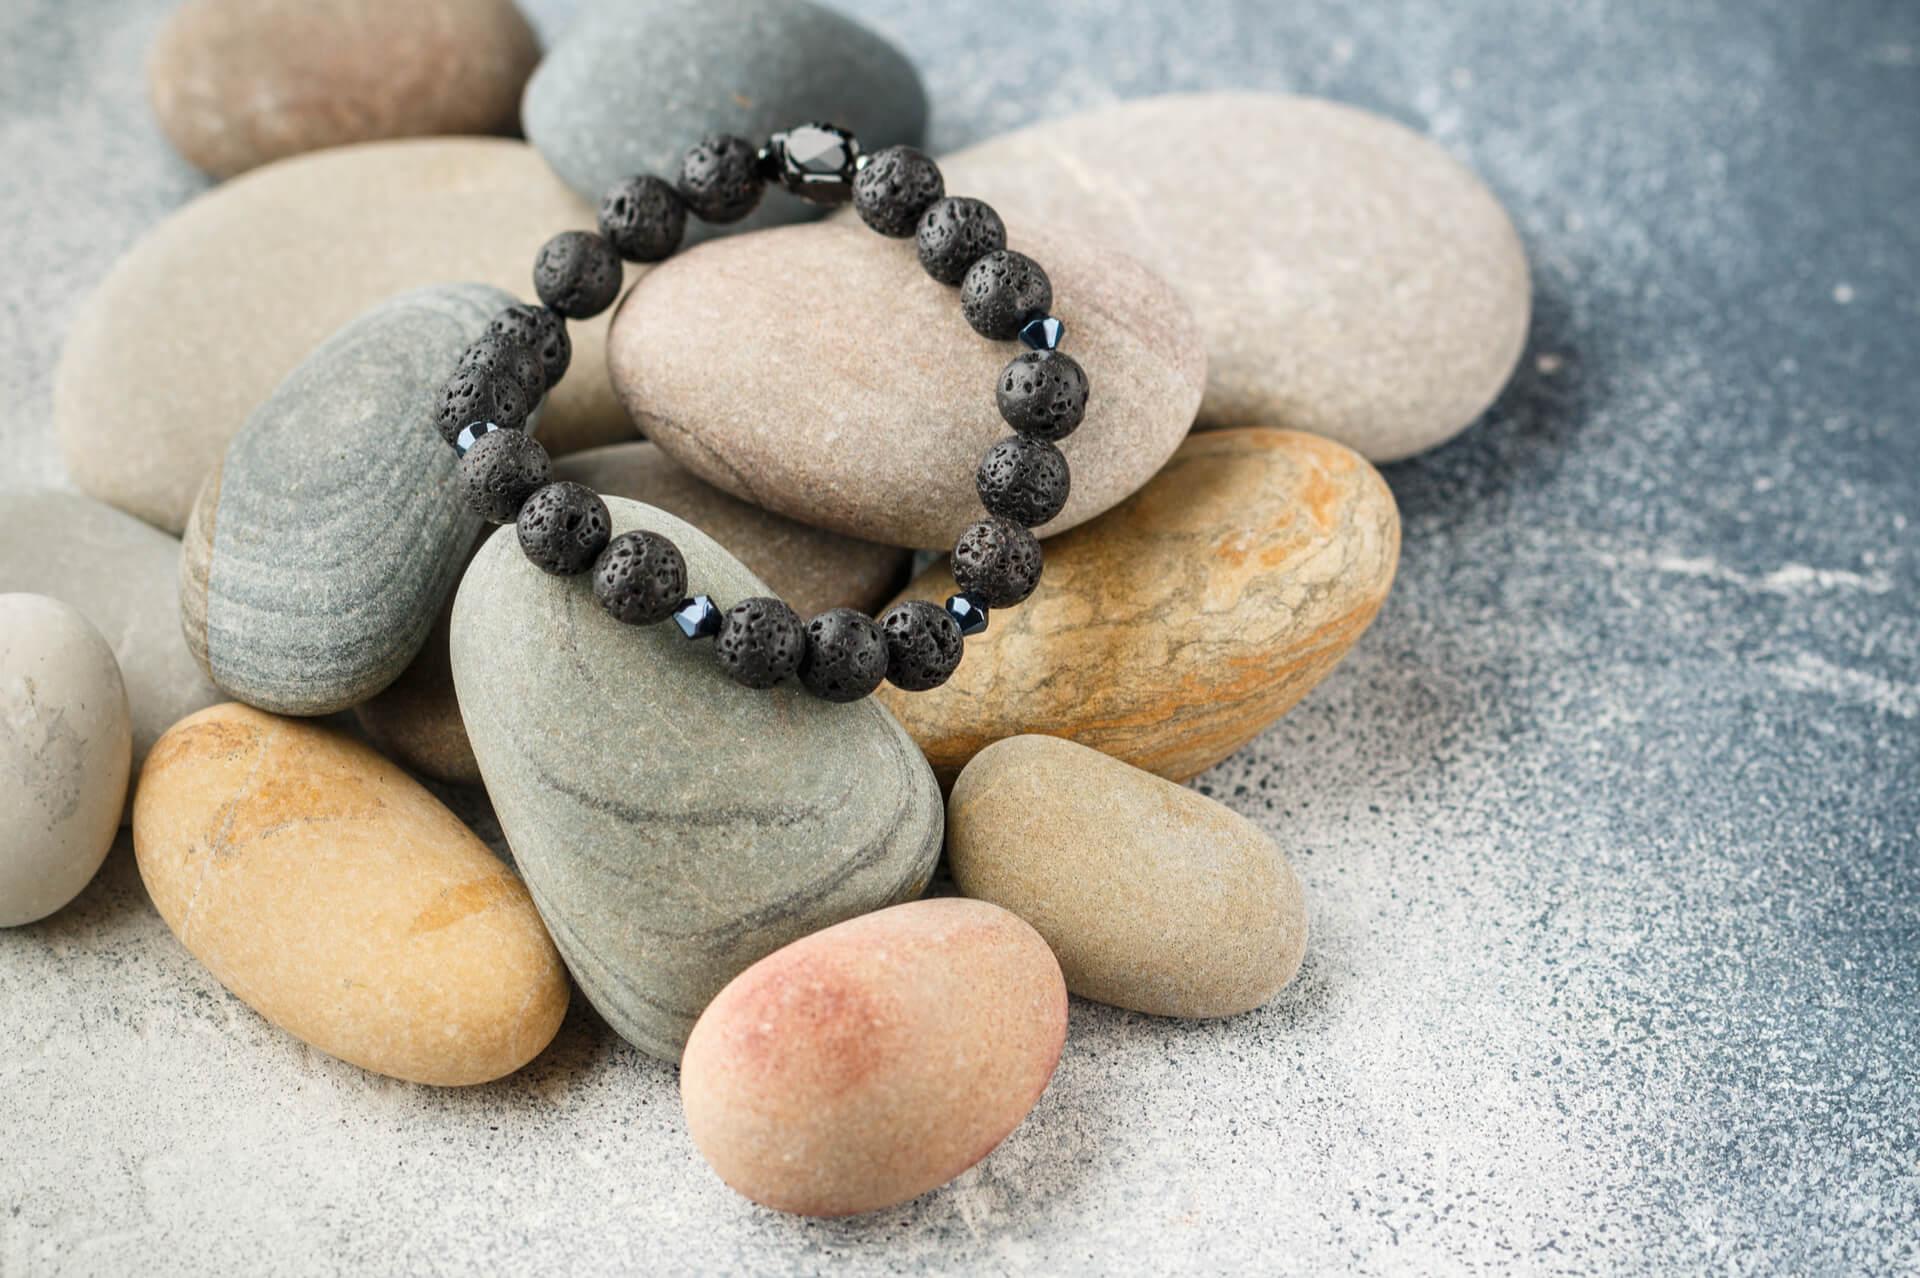 Bijuteriile cu roca vulcanica – Proprietati si beneficii